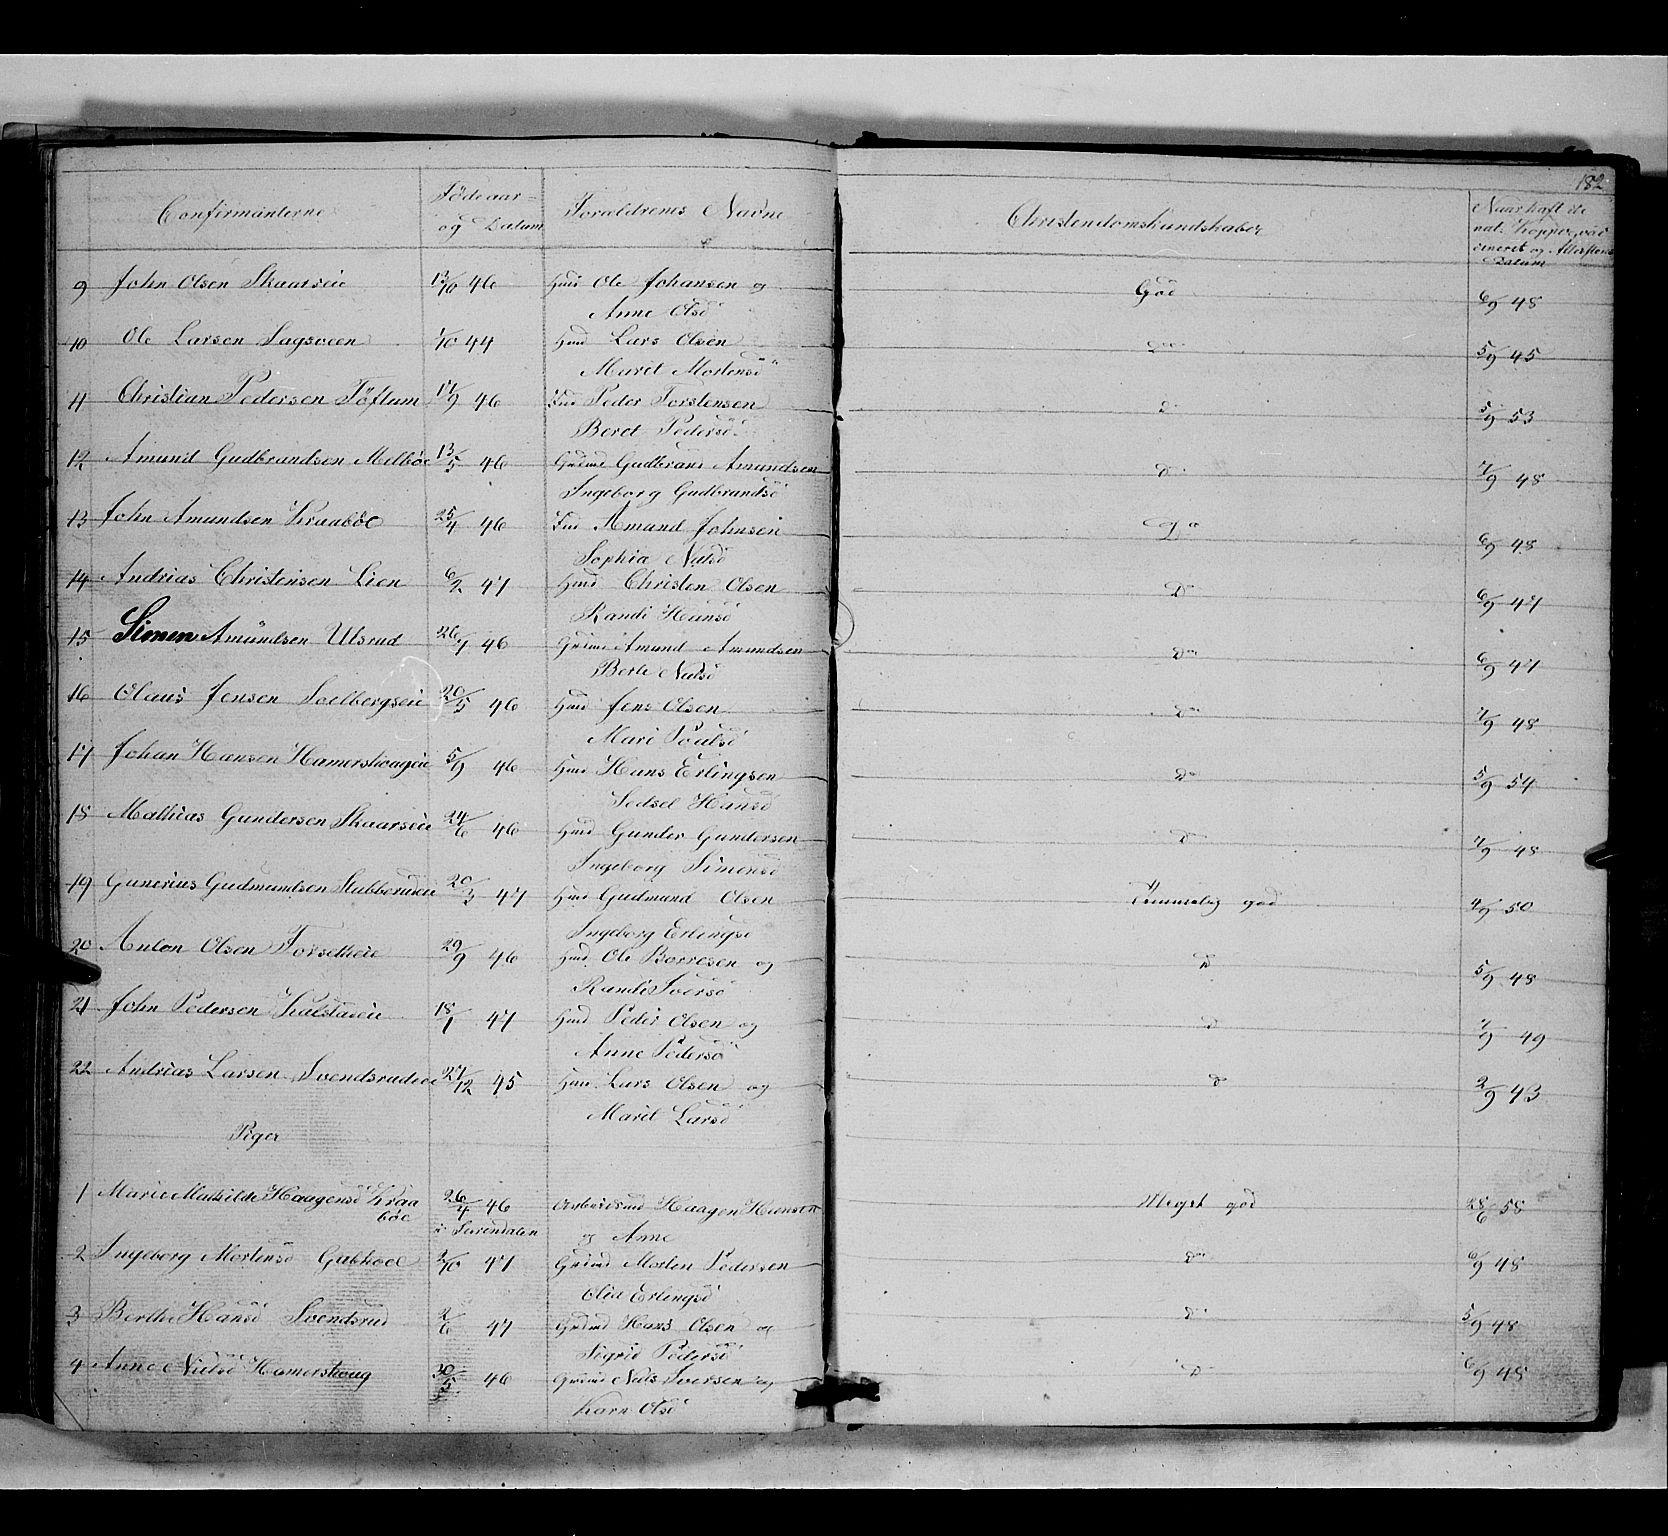 SAH, Gausdal prestekontor, Klokkerbok nr. 5, 1846-1867, s. 182